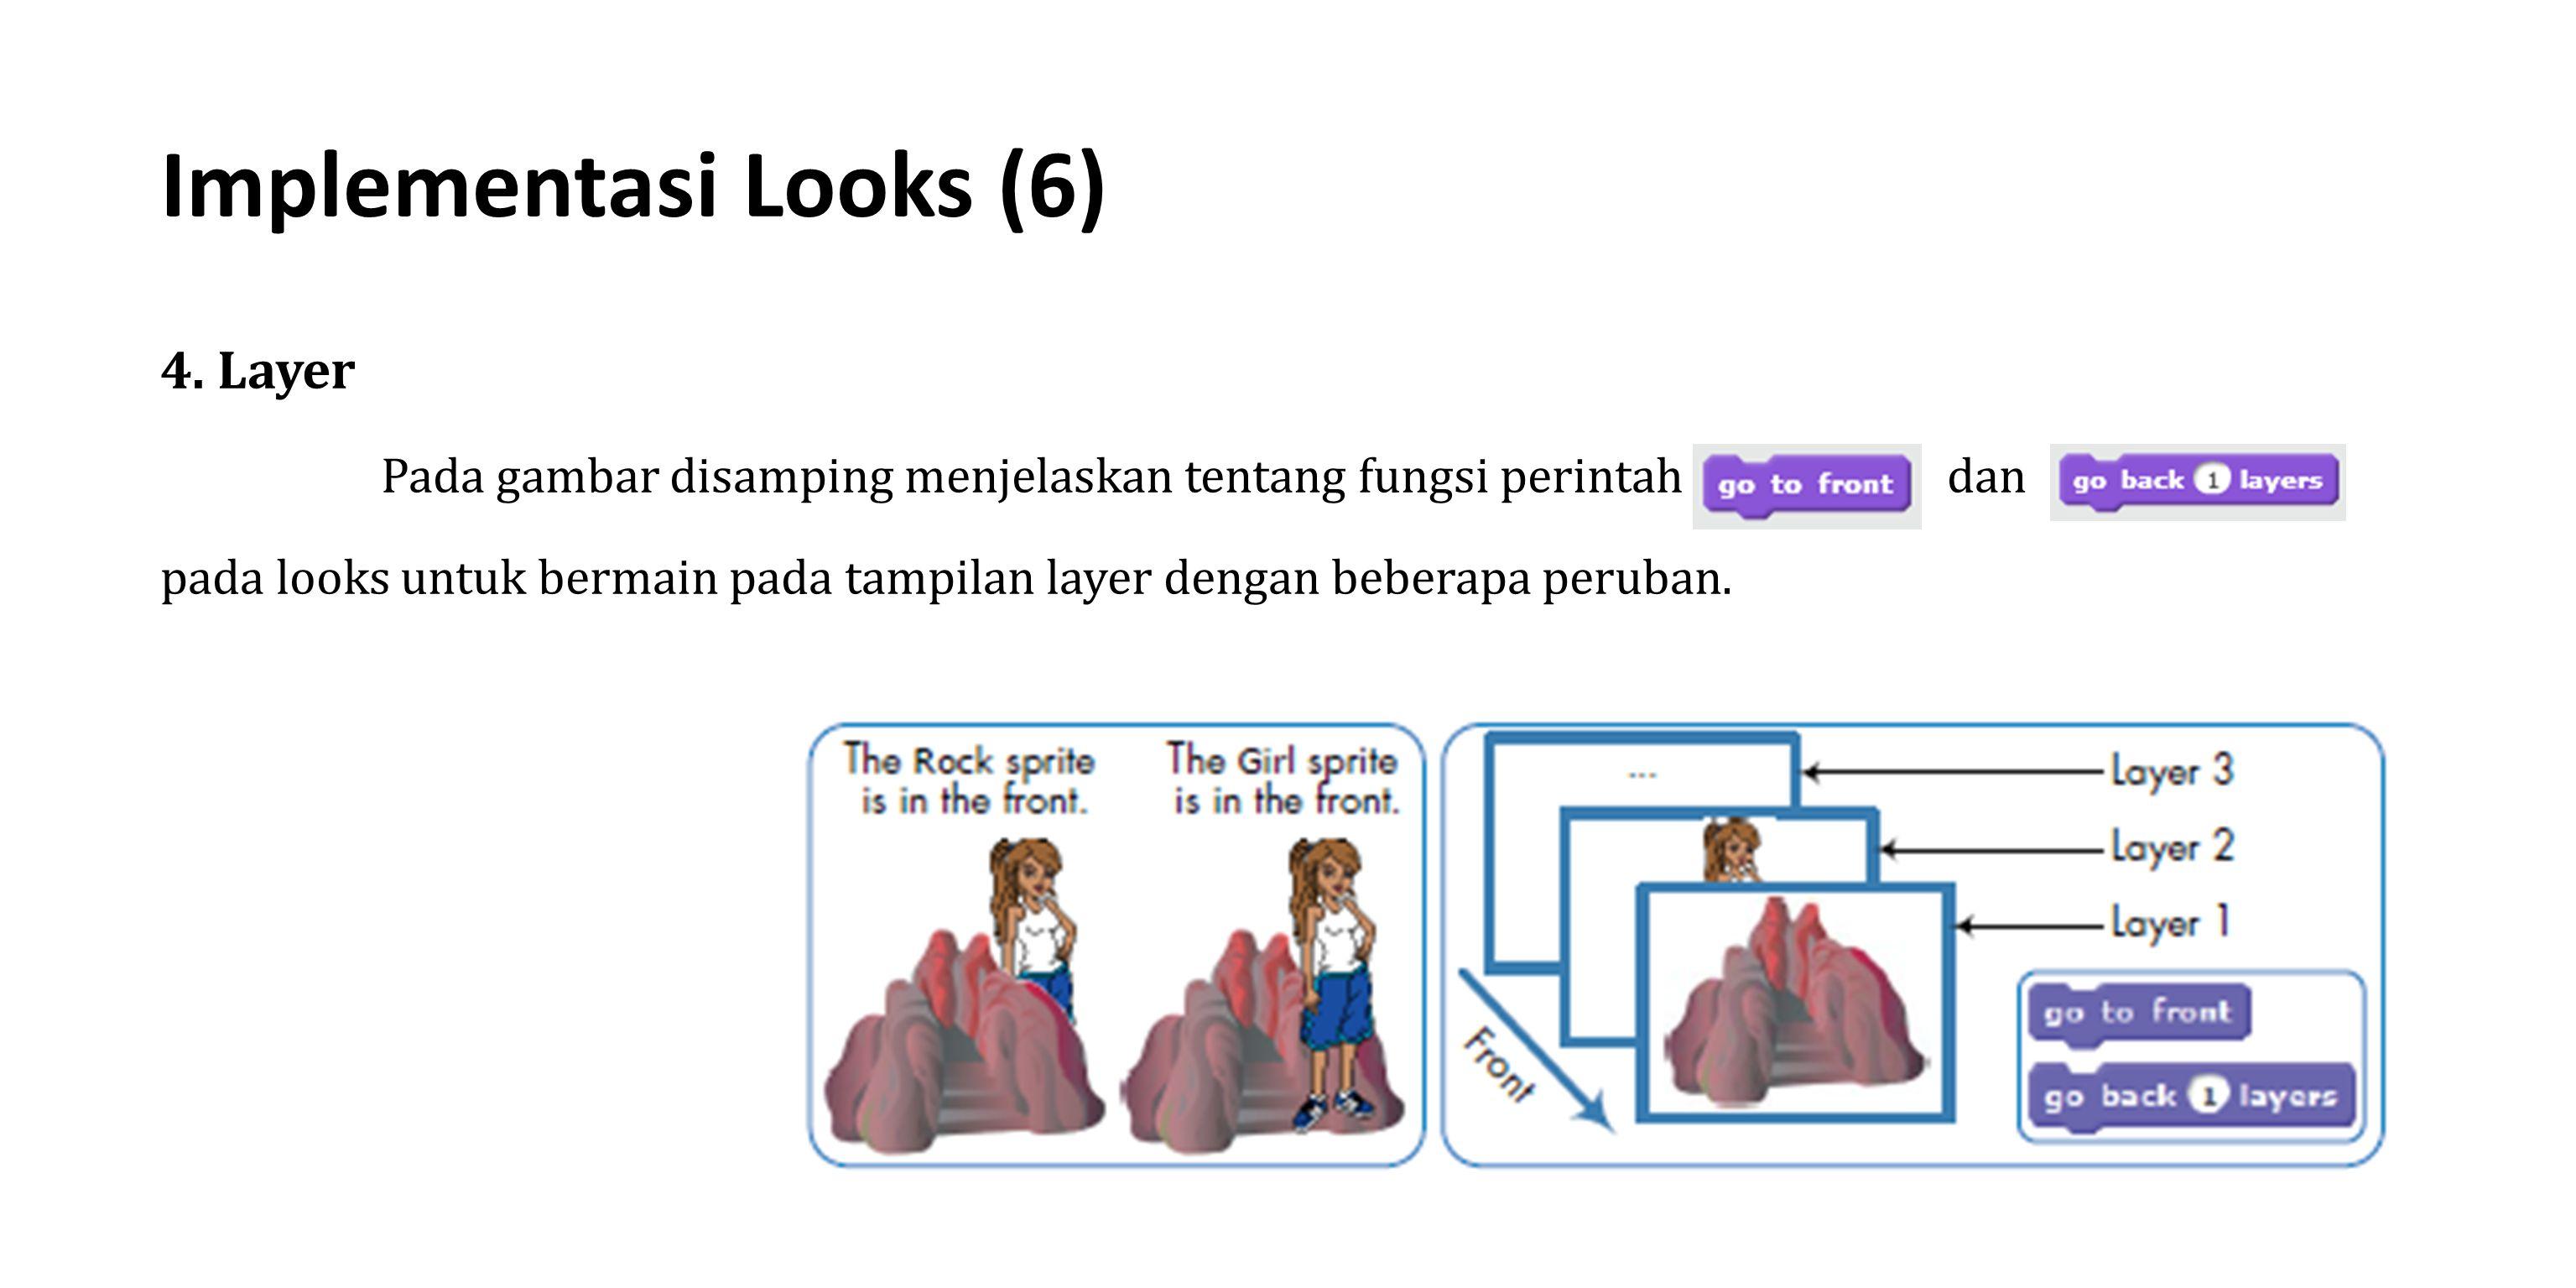 4. Layer Pada gambar disamping menjelaskan tentang fungsi perintah dan pada looks untuk bermain pada tampilan layer dengan beberapa peruban. Implement